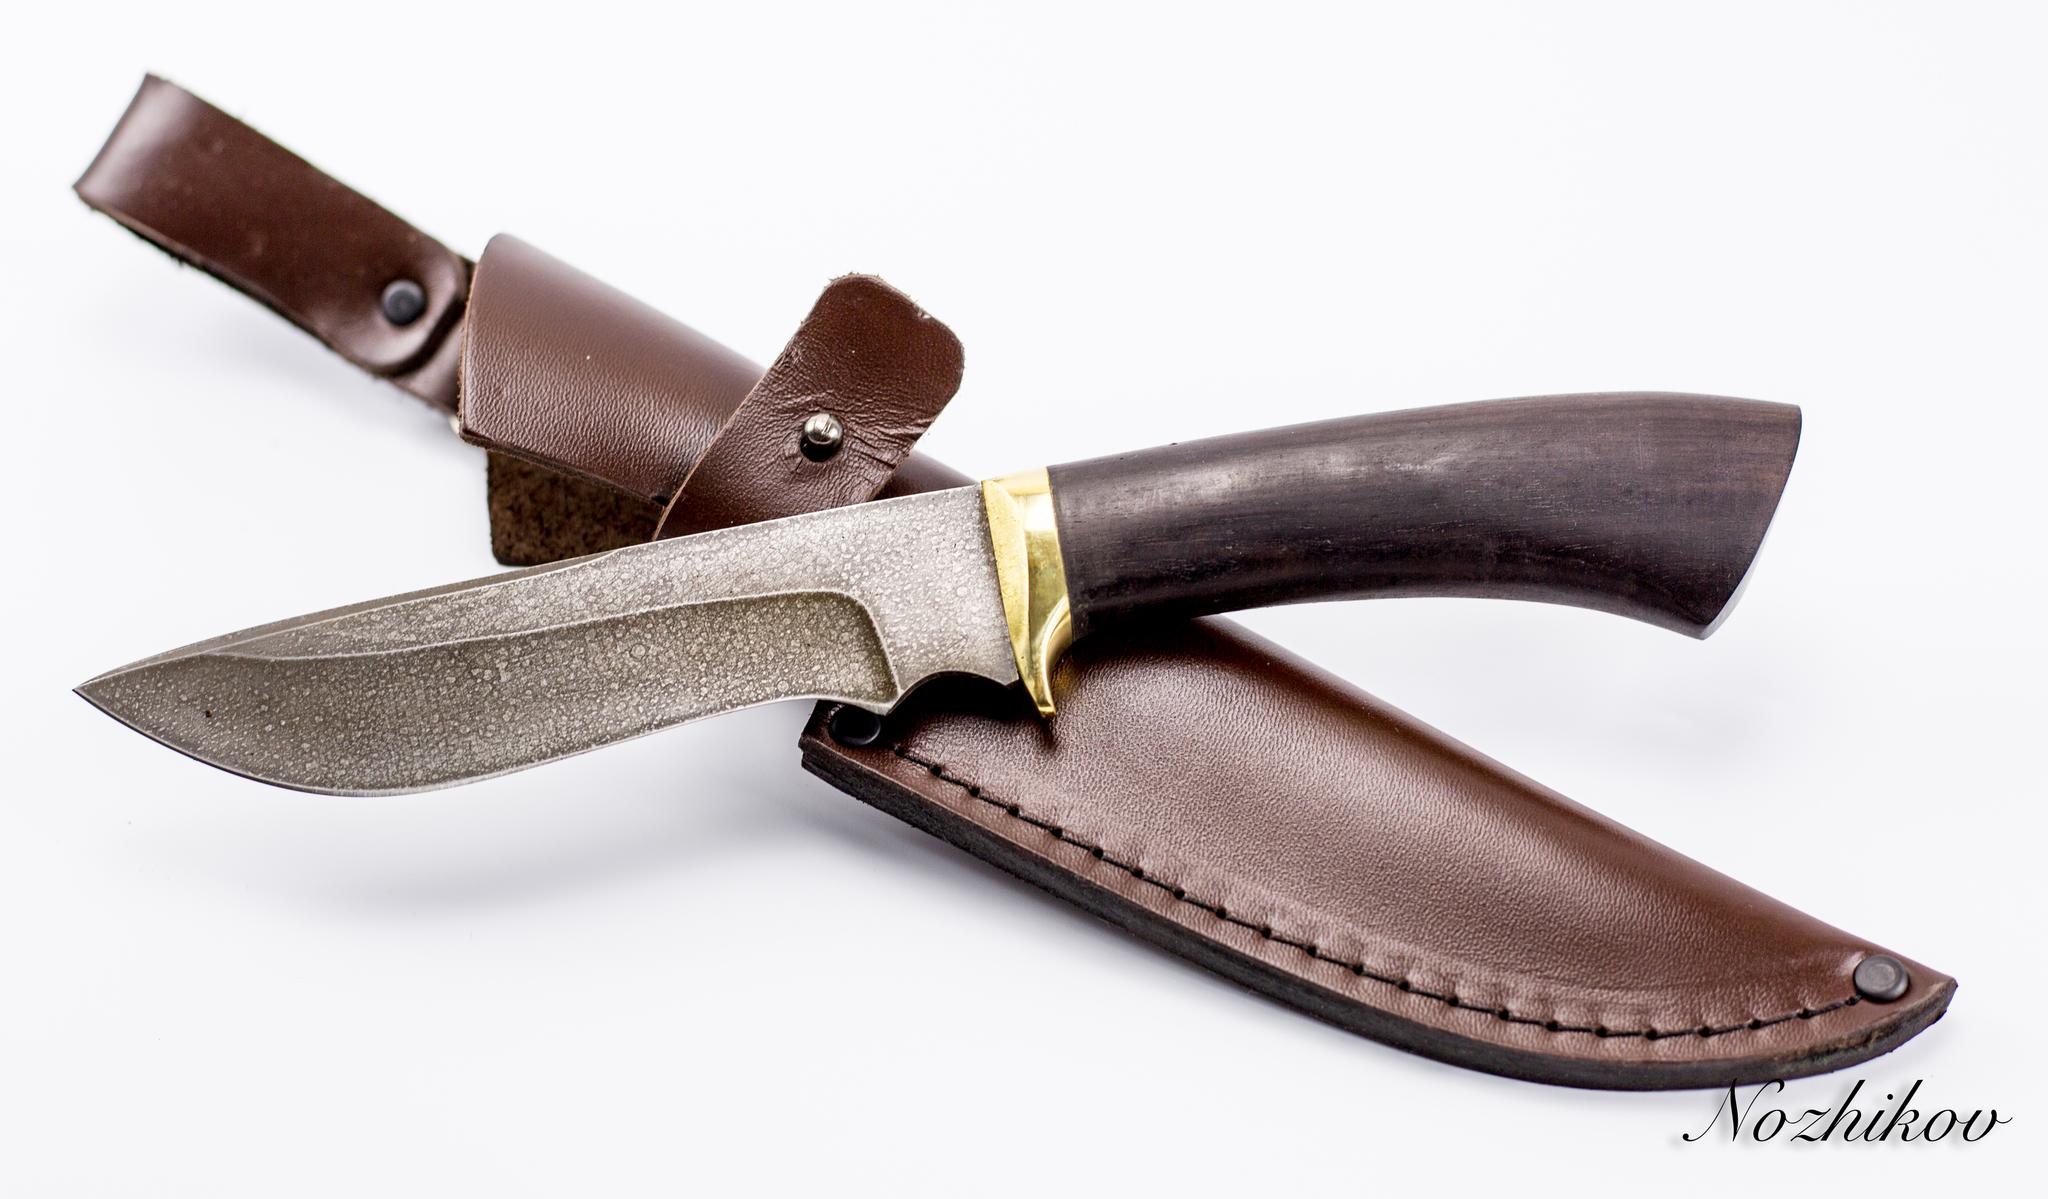 Фото 6 - Нож Волк-2, сталь ХВ5, граб от Промтехснаб